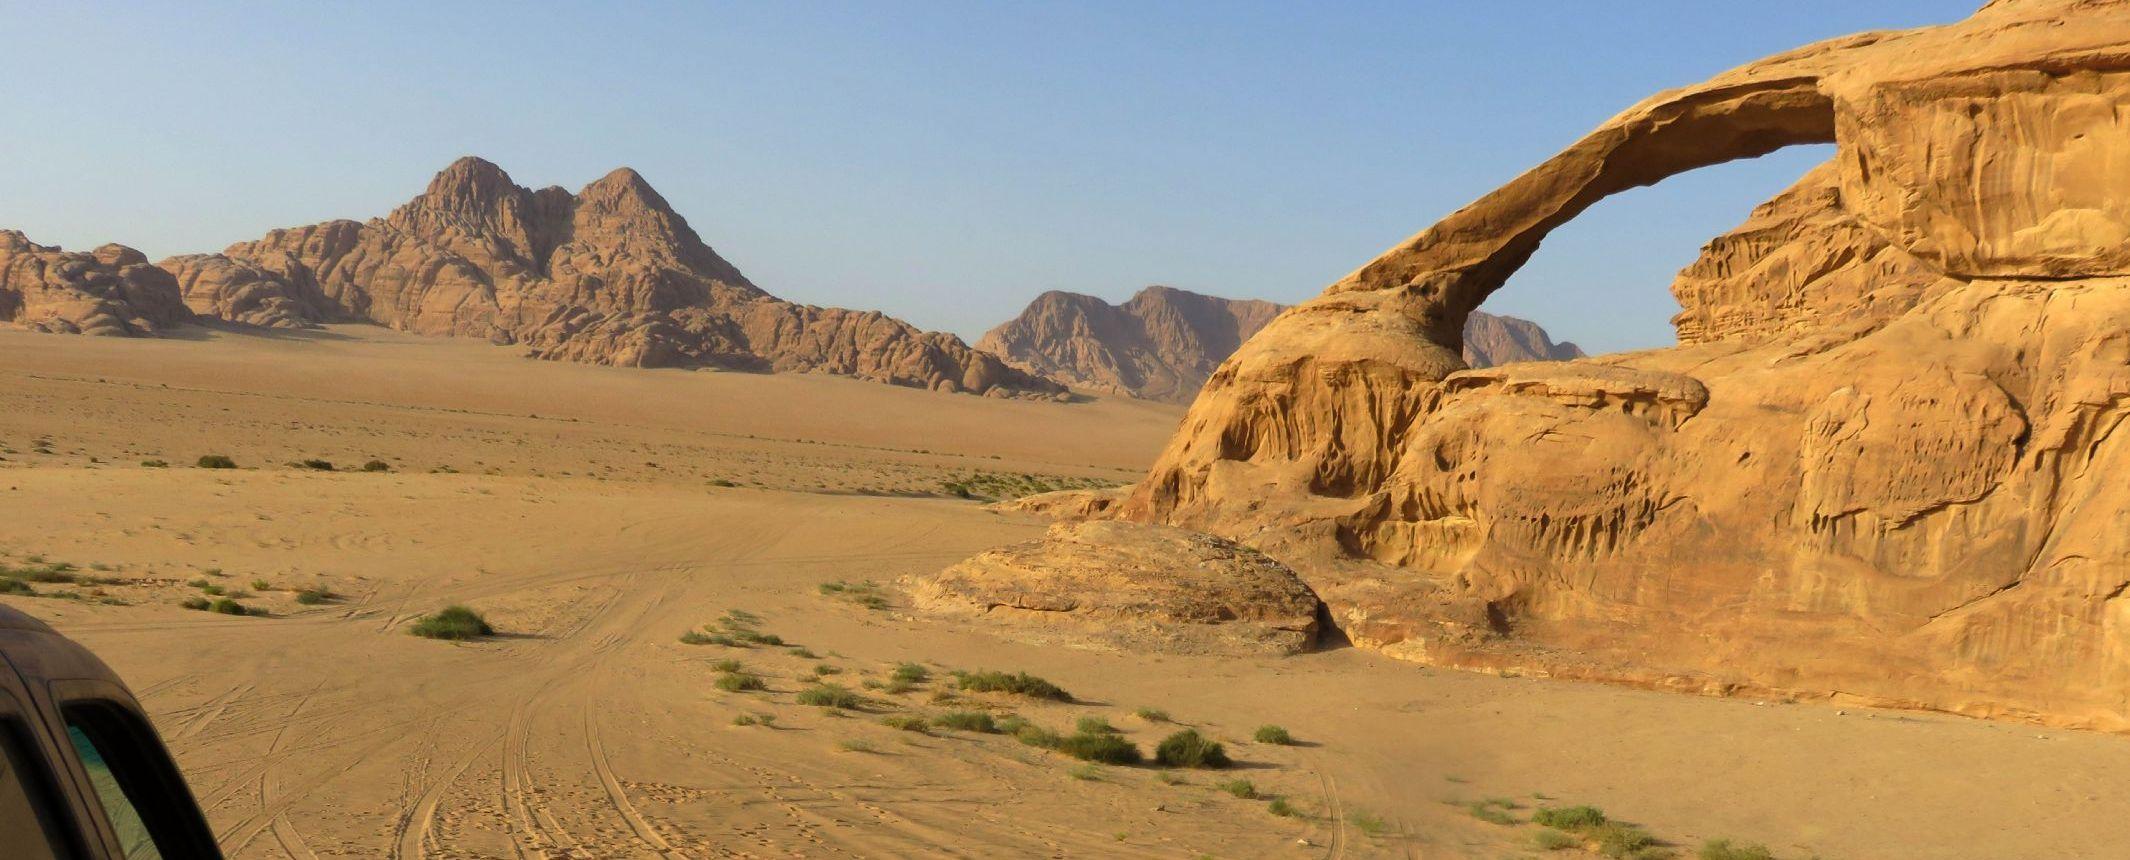 Jordania - Trekking por Dana, Petra y Wadi Rum. Ext. Líbano